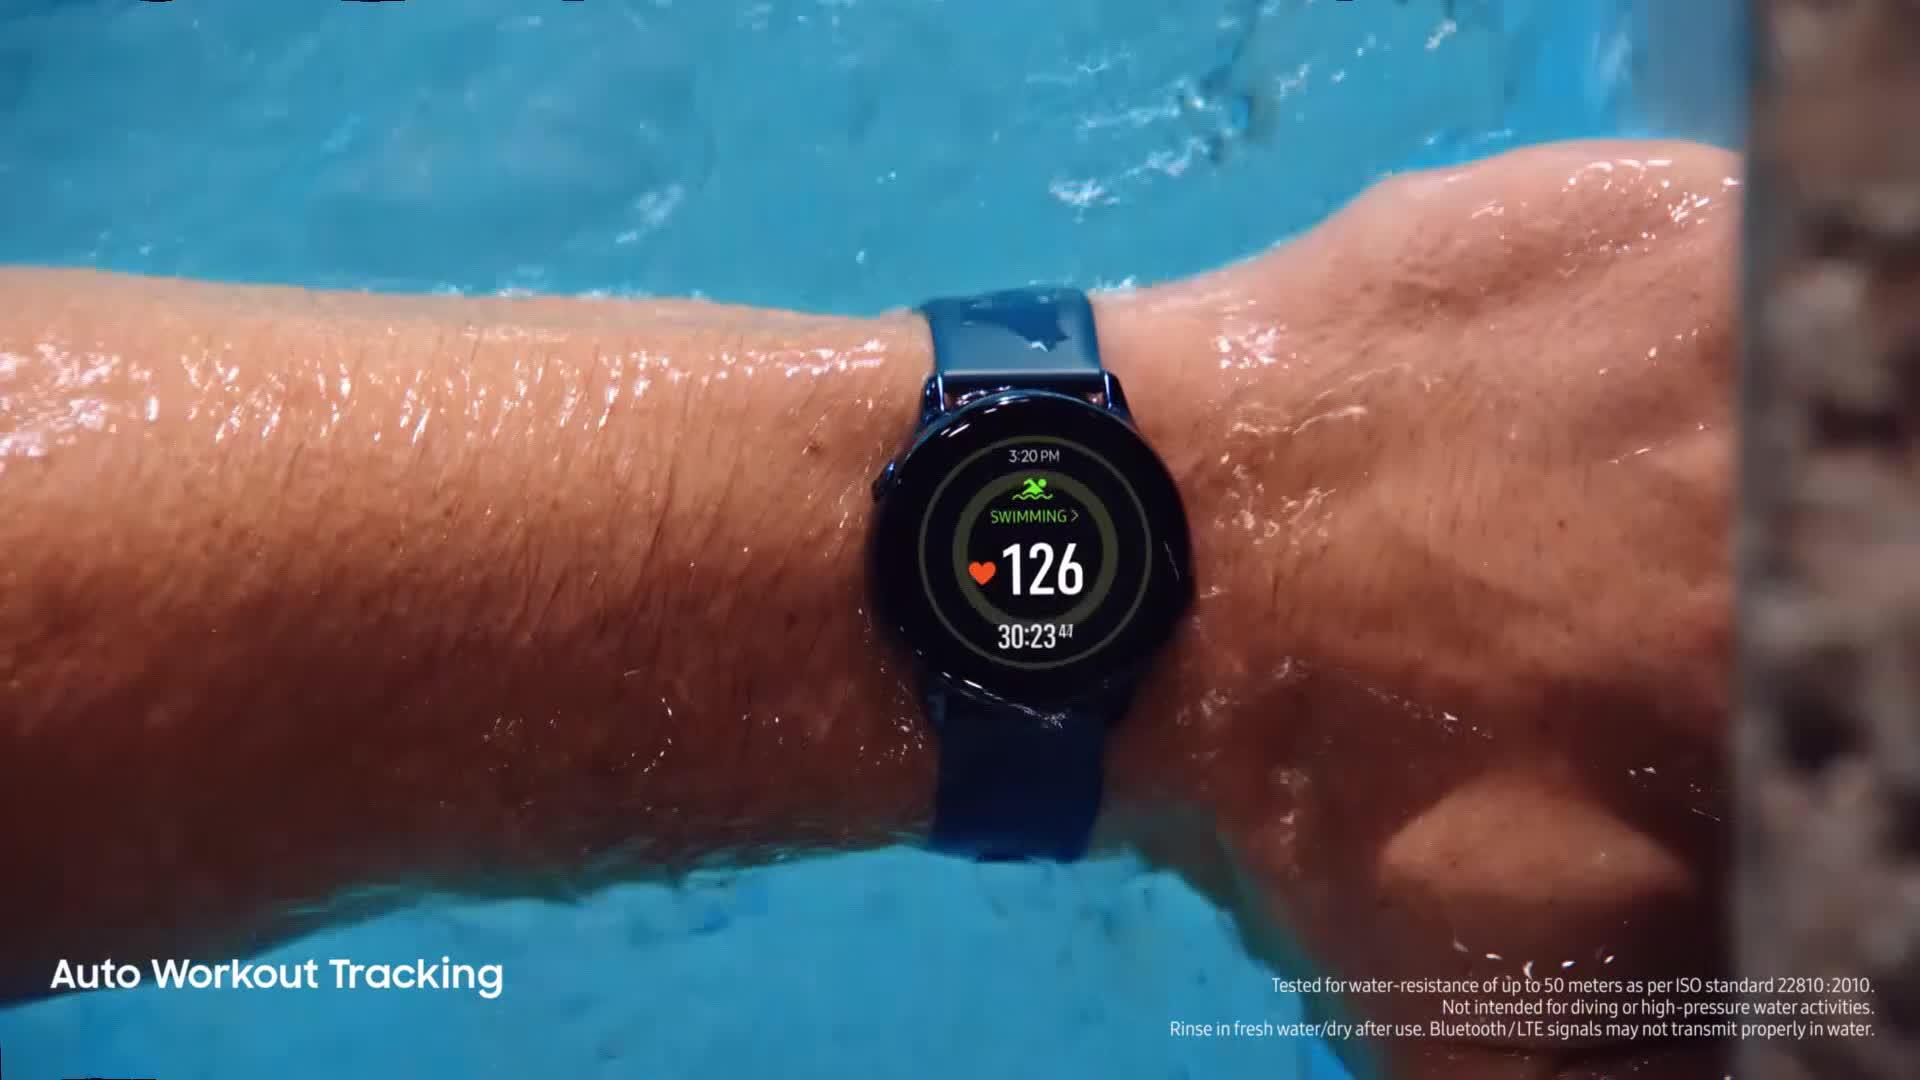 Samsung, Mwc, MWC 2019, Sport, Samsung Galaxy Watch Active, Galaxy Watch Active